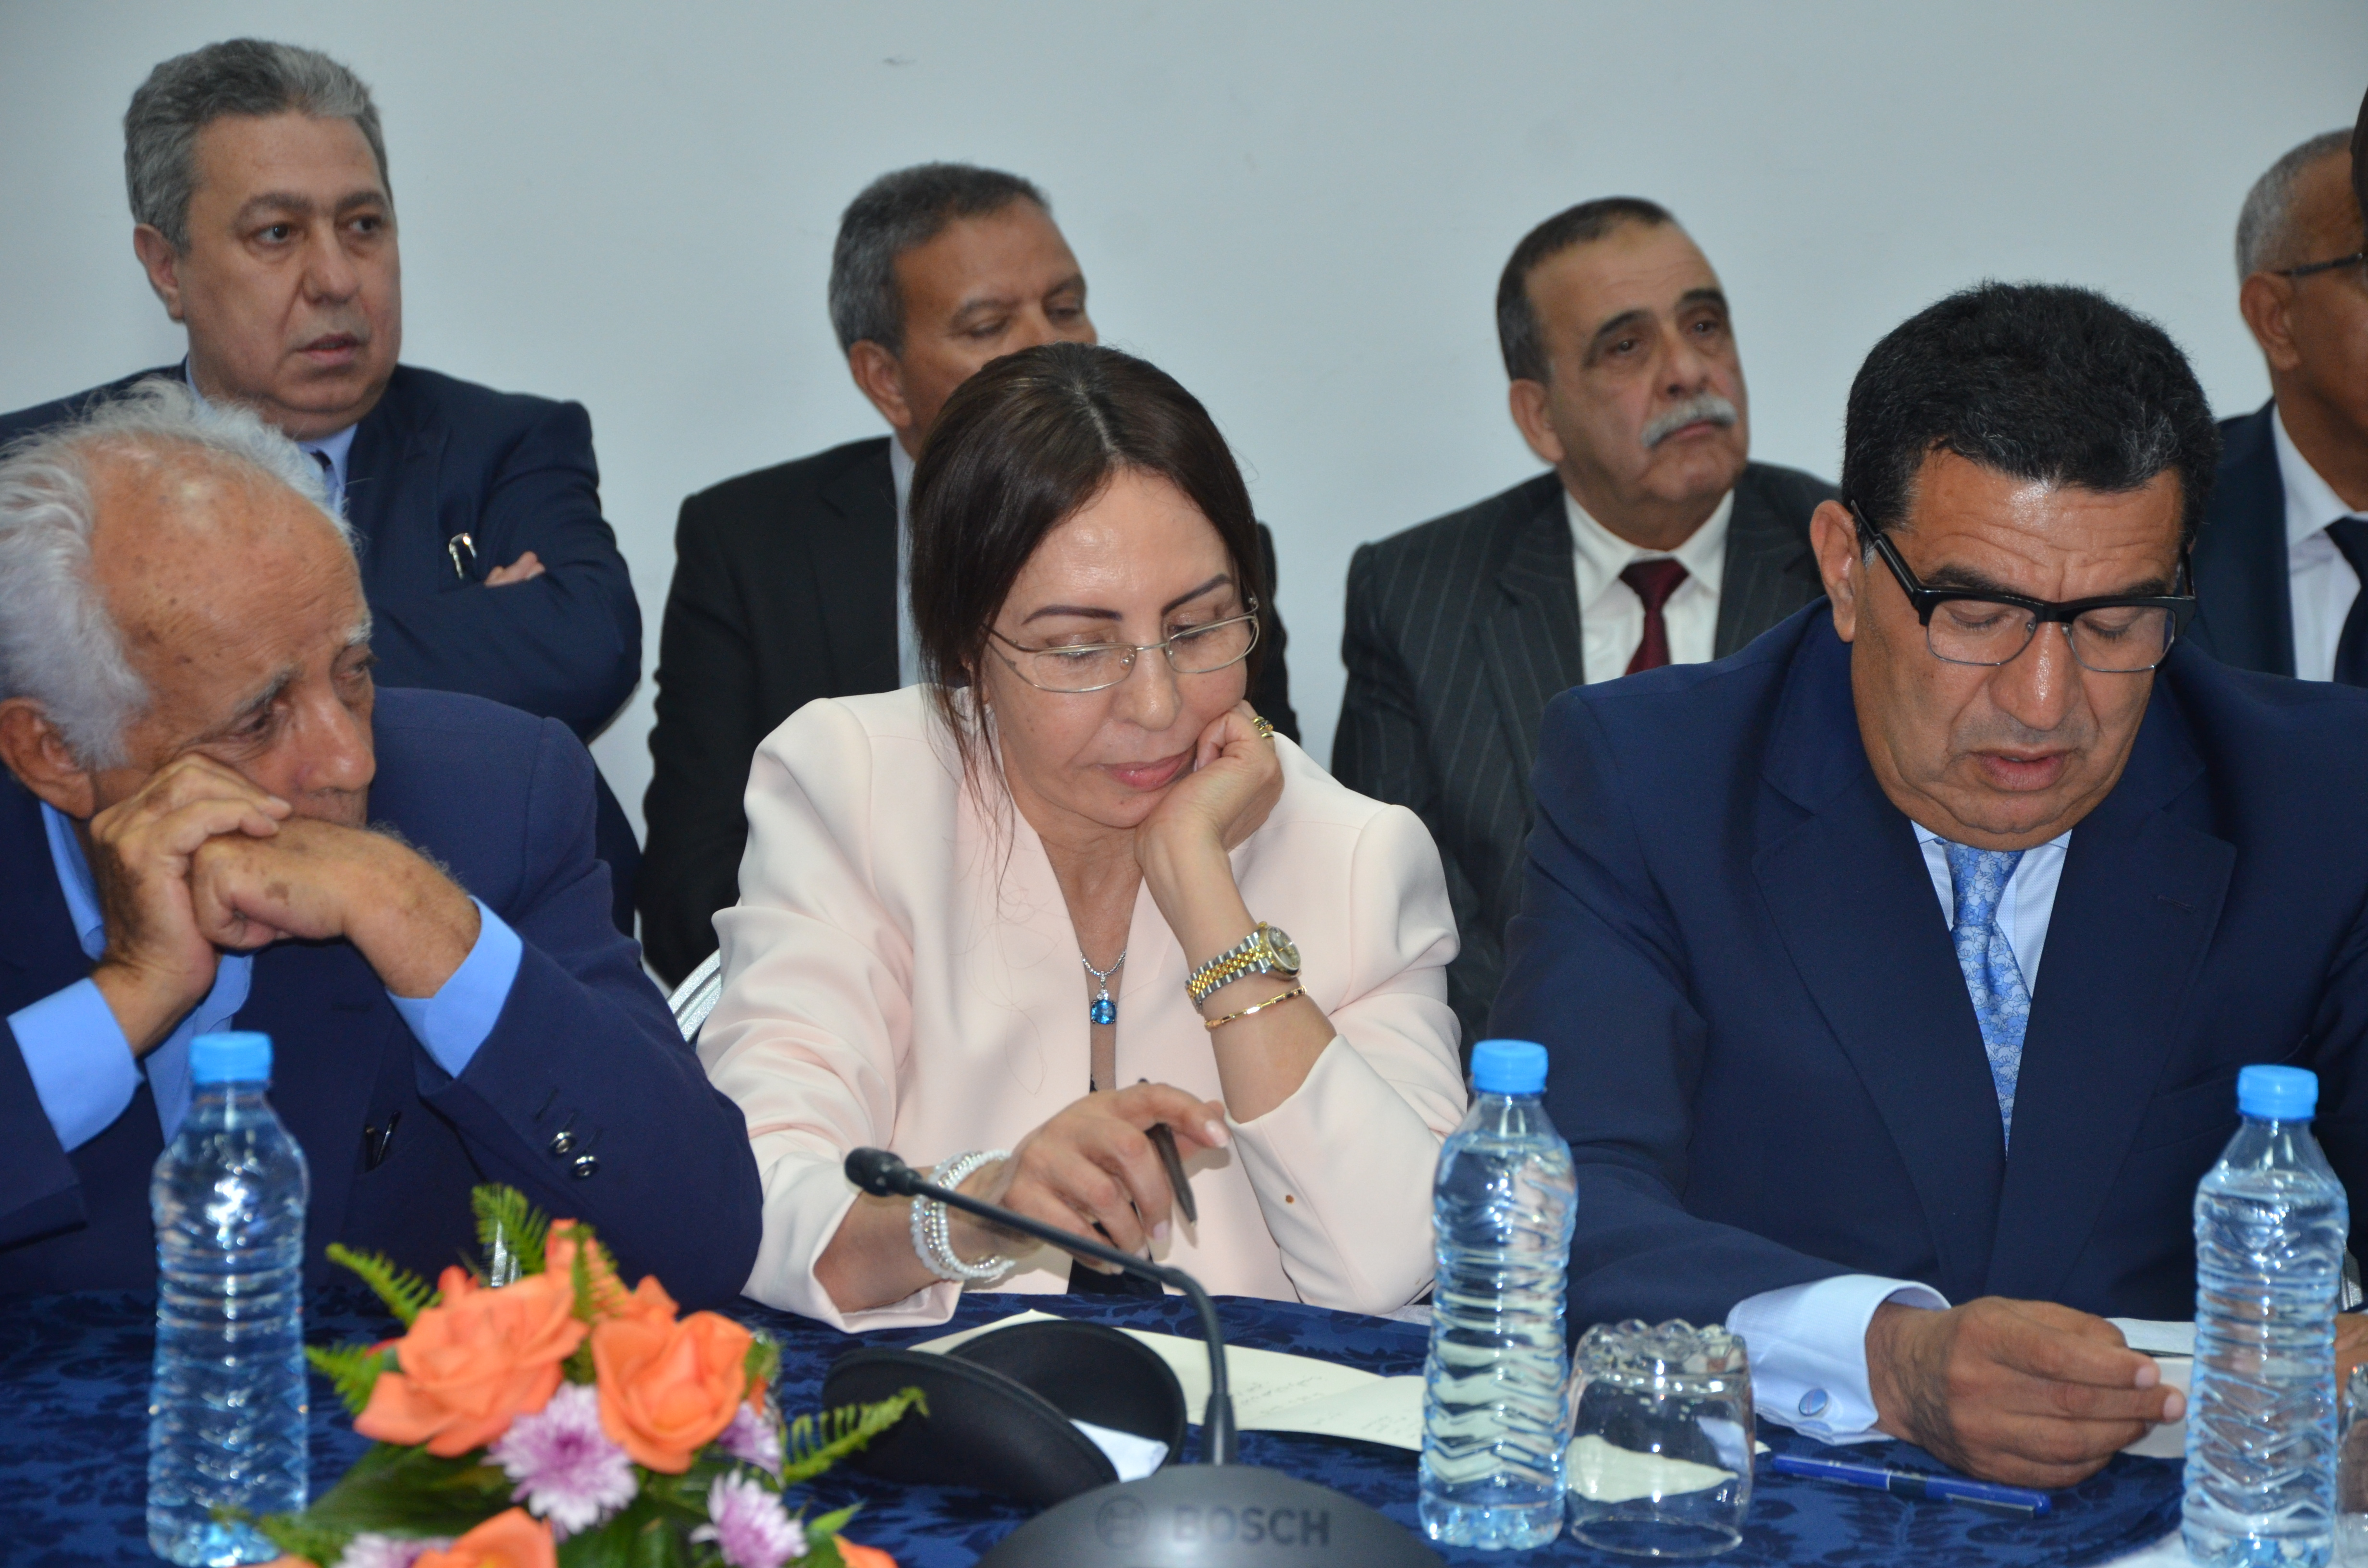 قيادات حزب الحركة تنزل بقوة في لقاء بن كيران وتتشبث بالتحالف مع البيجدي